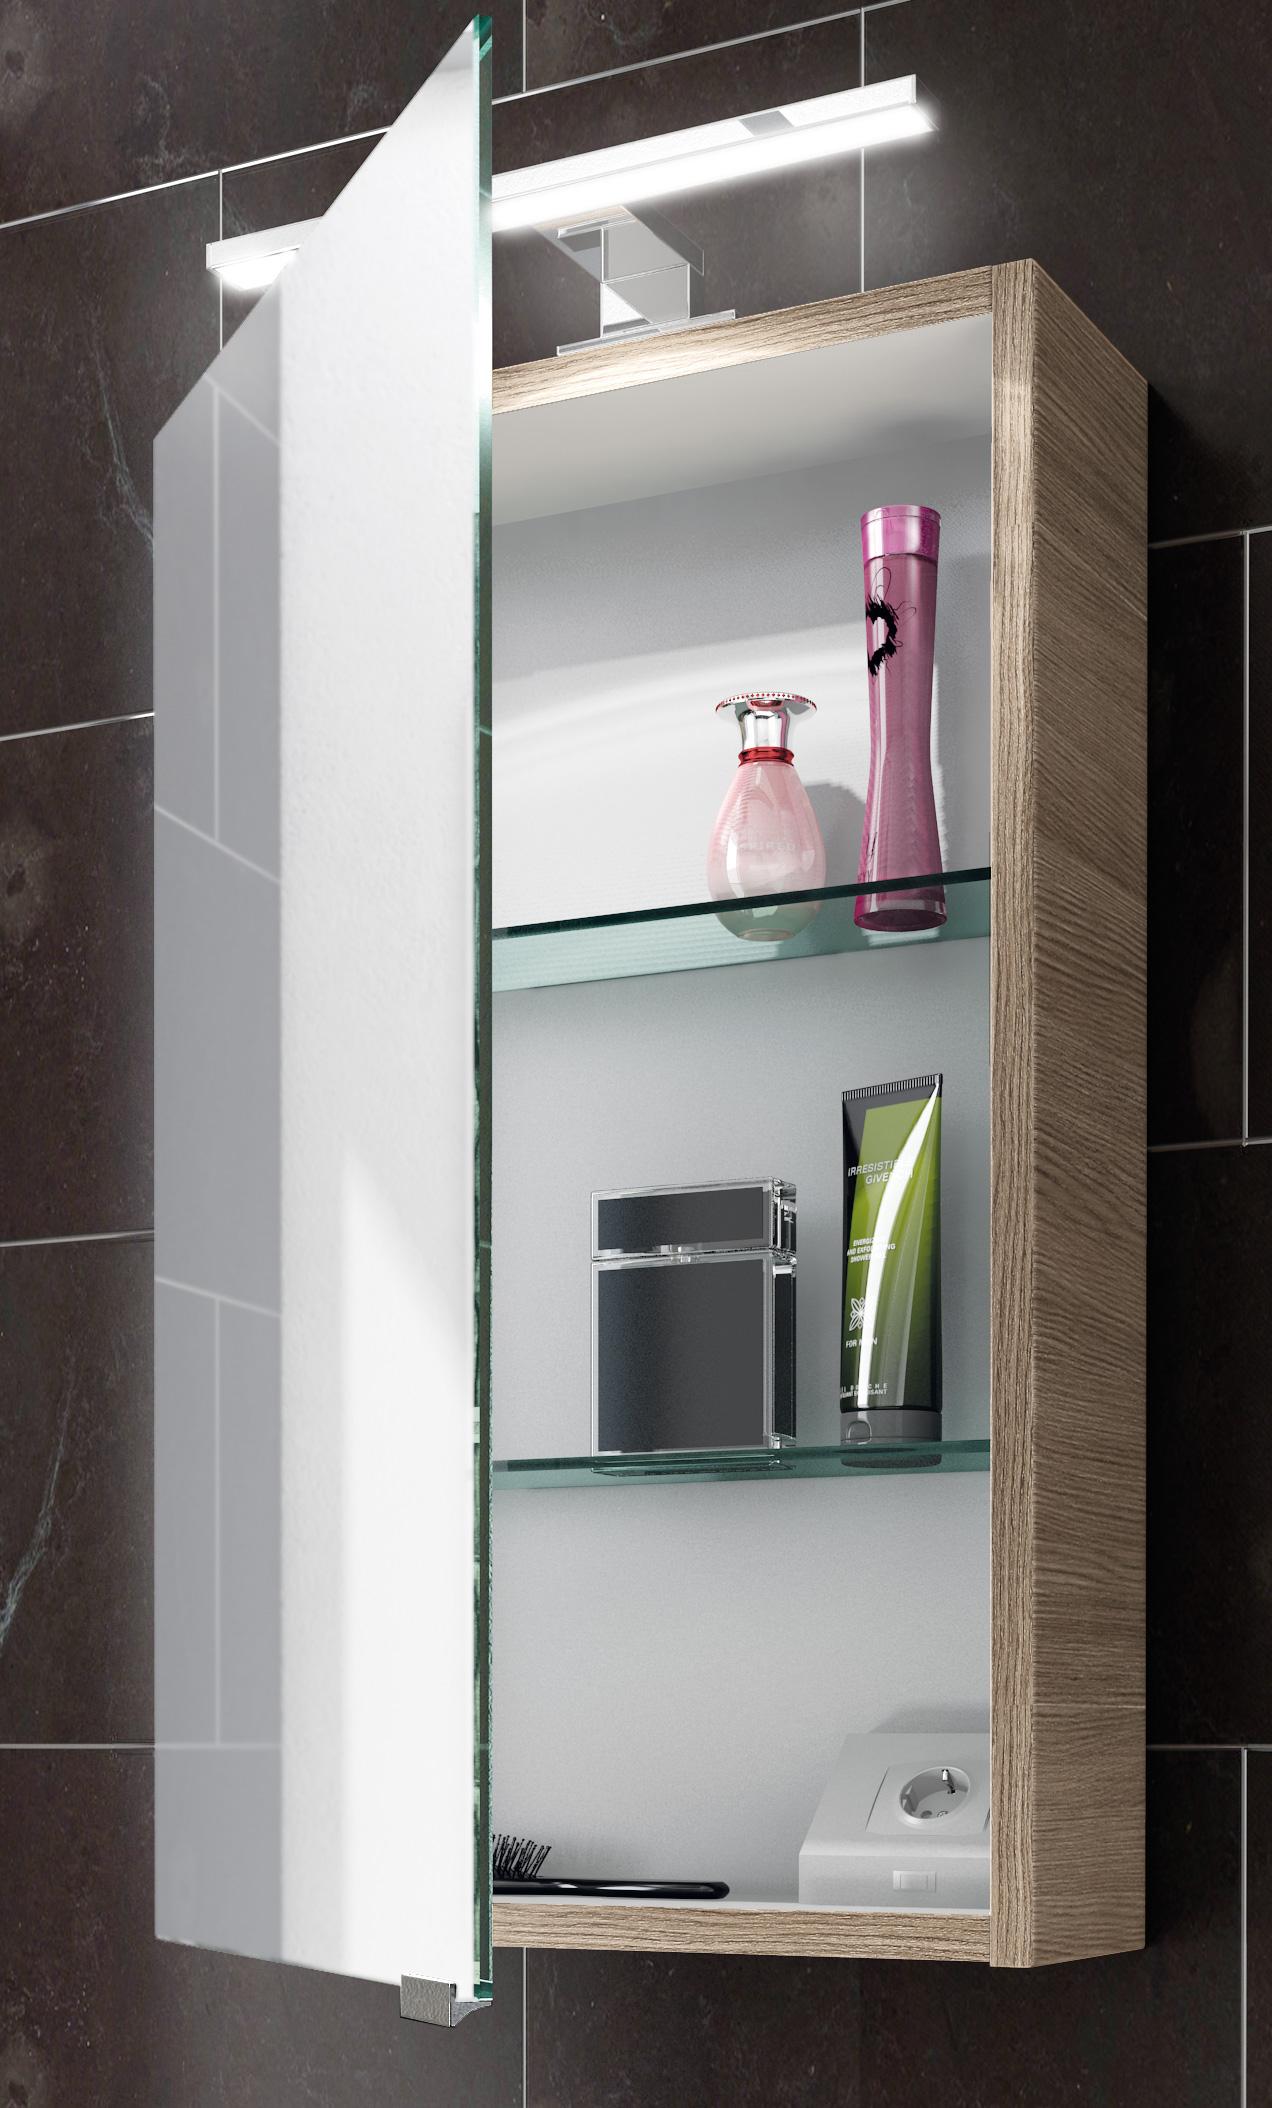 spiegel oder spiegelschrank im bad mein bad direkt. Black Bedroom Furniture Sets. Home Design Ideas